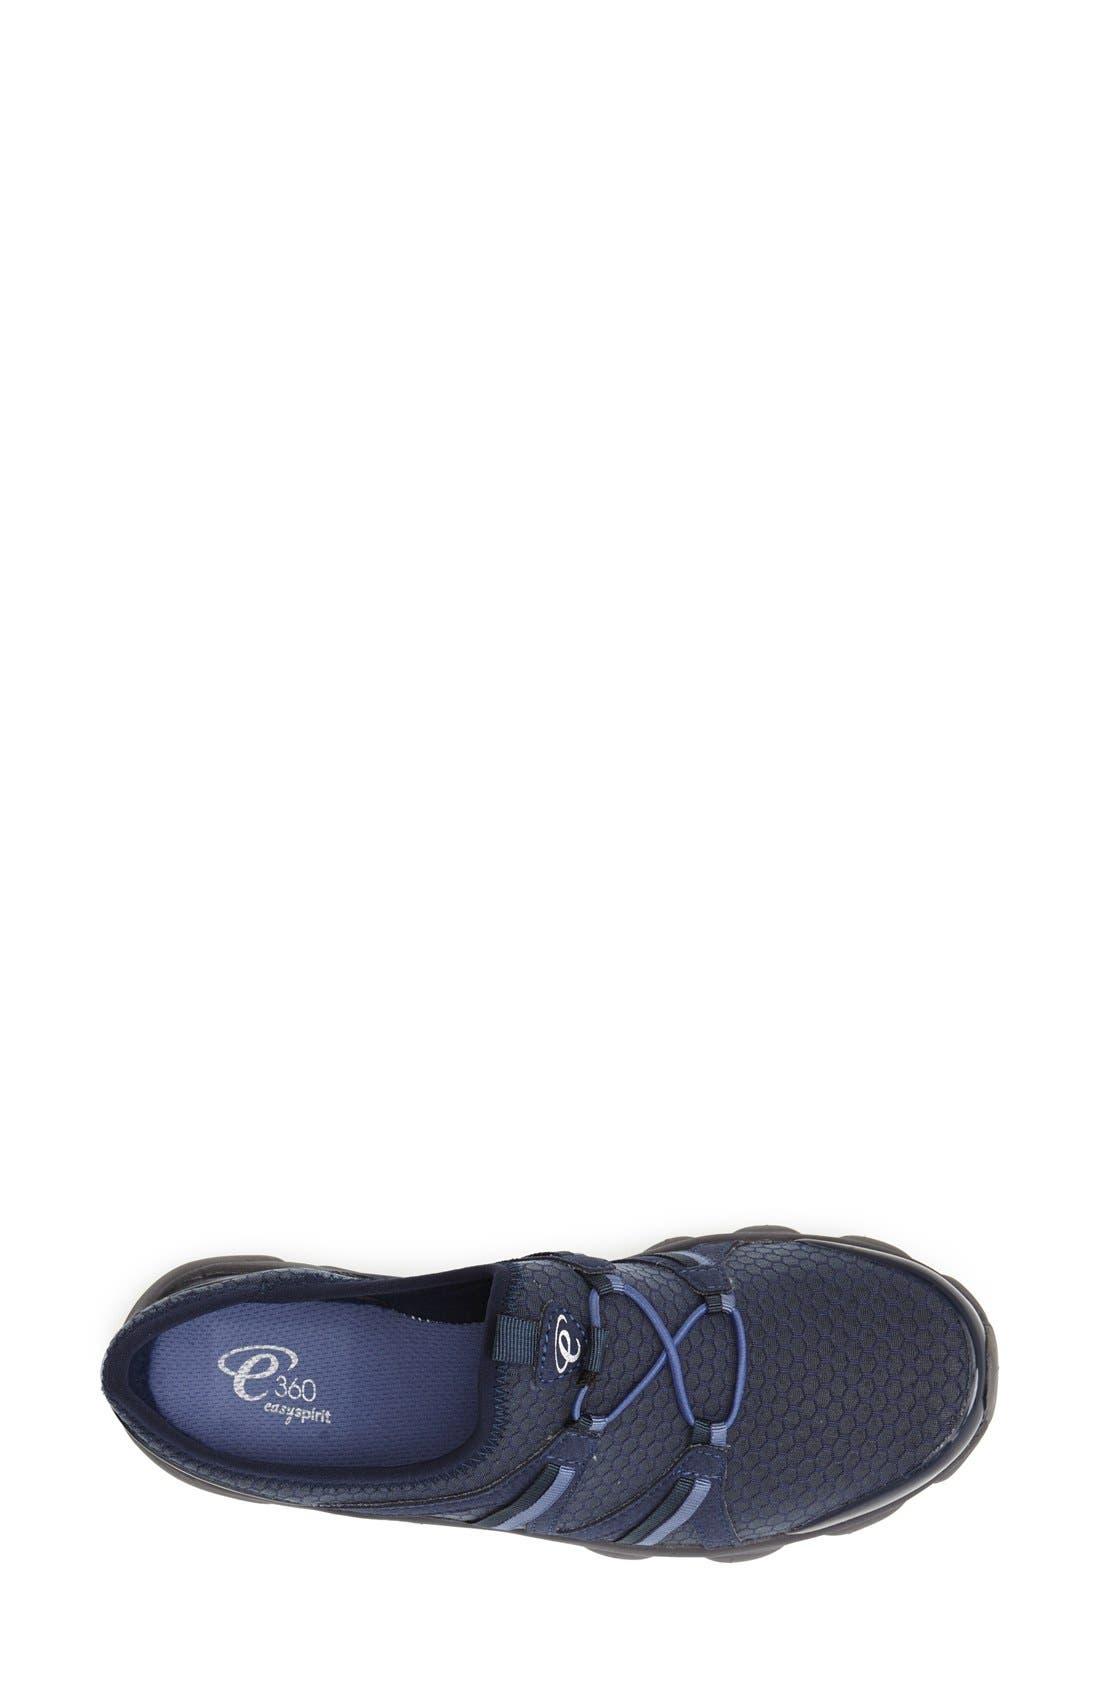 Alternate Image 3  - Easy Spirit 'e360 - Rich' Slip-On Sneaker (Women)